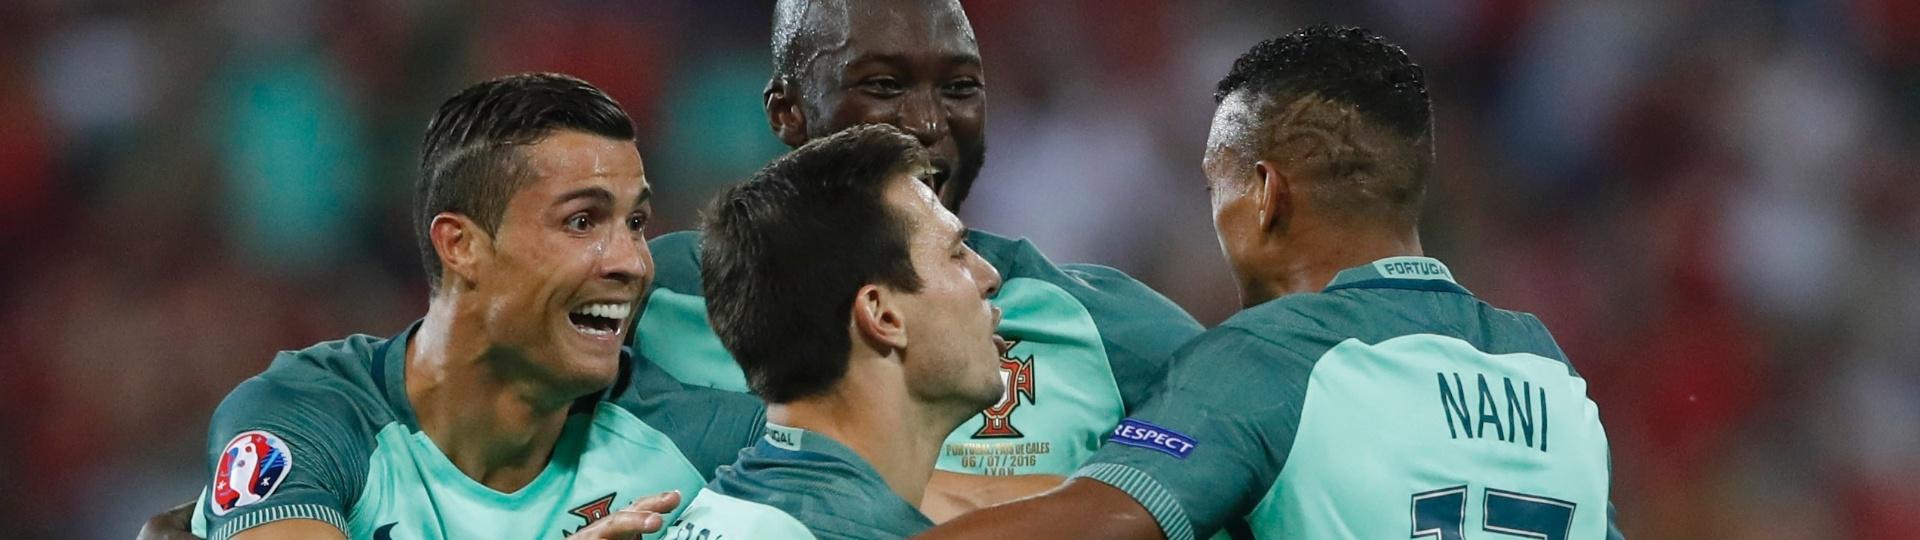 Jogadores de Portugal comemoram gol em jogo contra o País de Gales